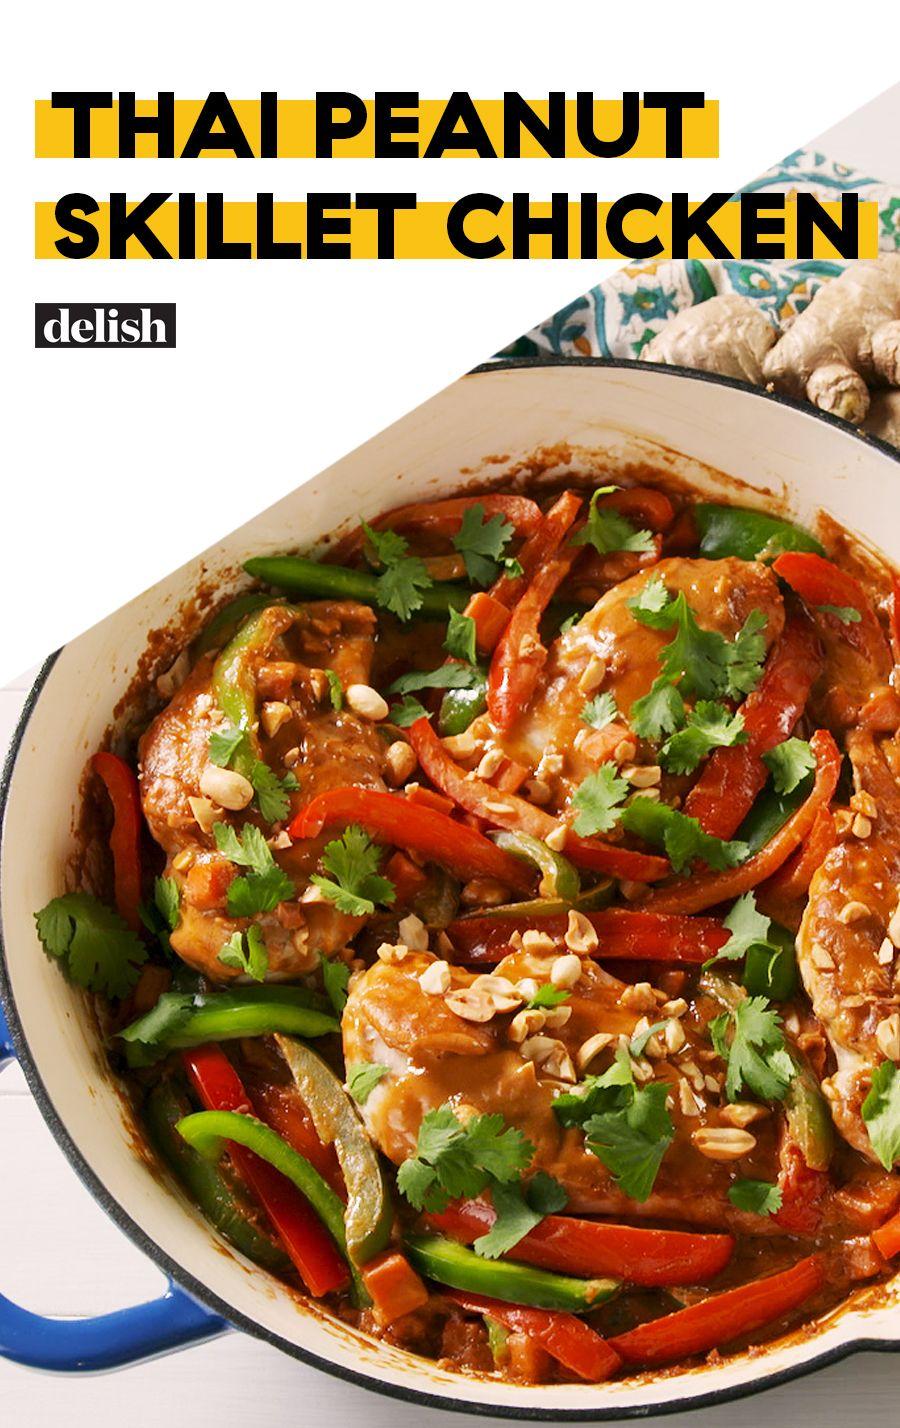 Thai Peanut Skillet Chicken Recipe Chicken Skillet Recipes